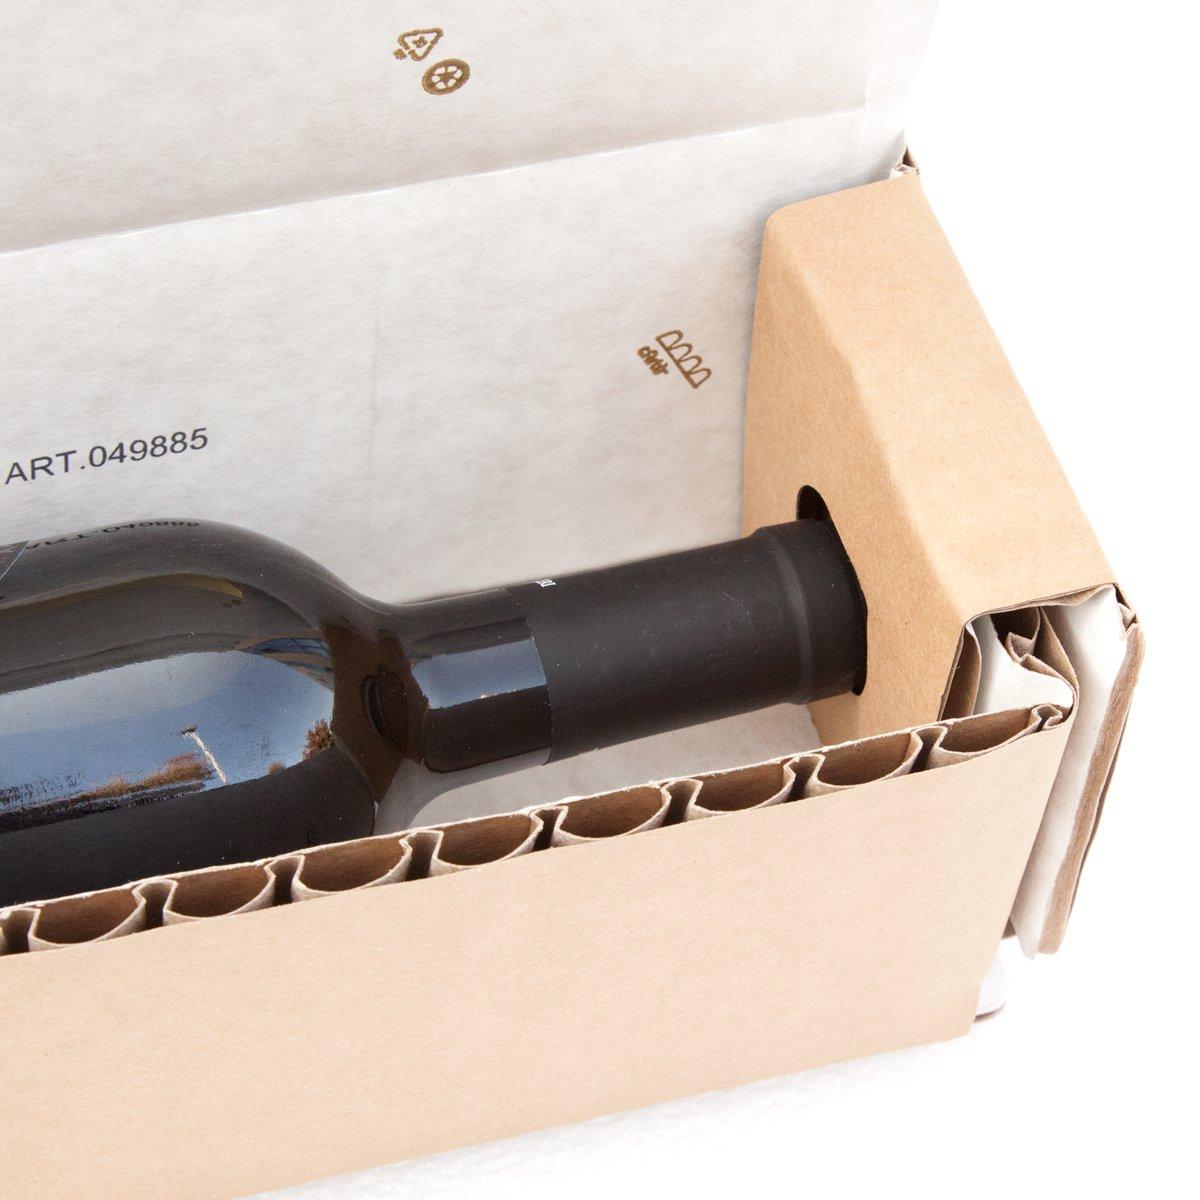 Boîte à bouteilles cArtù : boîte de transport écologique pour des bouteilles de 29 à 30 cm de hauteur et de 7 à 8, 5 cm de diamètre. Ensemble de 6 boîtes emballées à plat. Grifal SpA